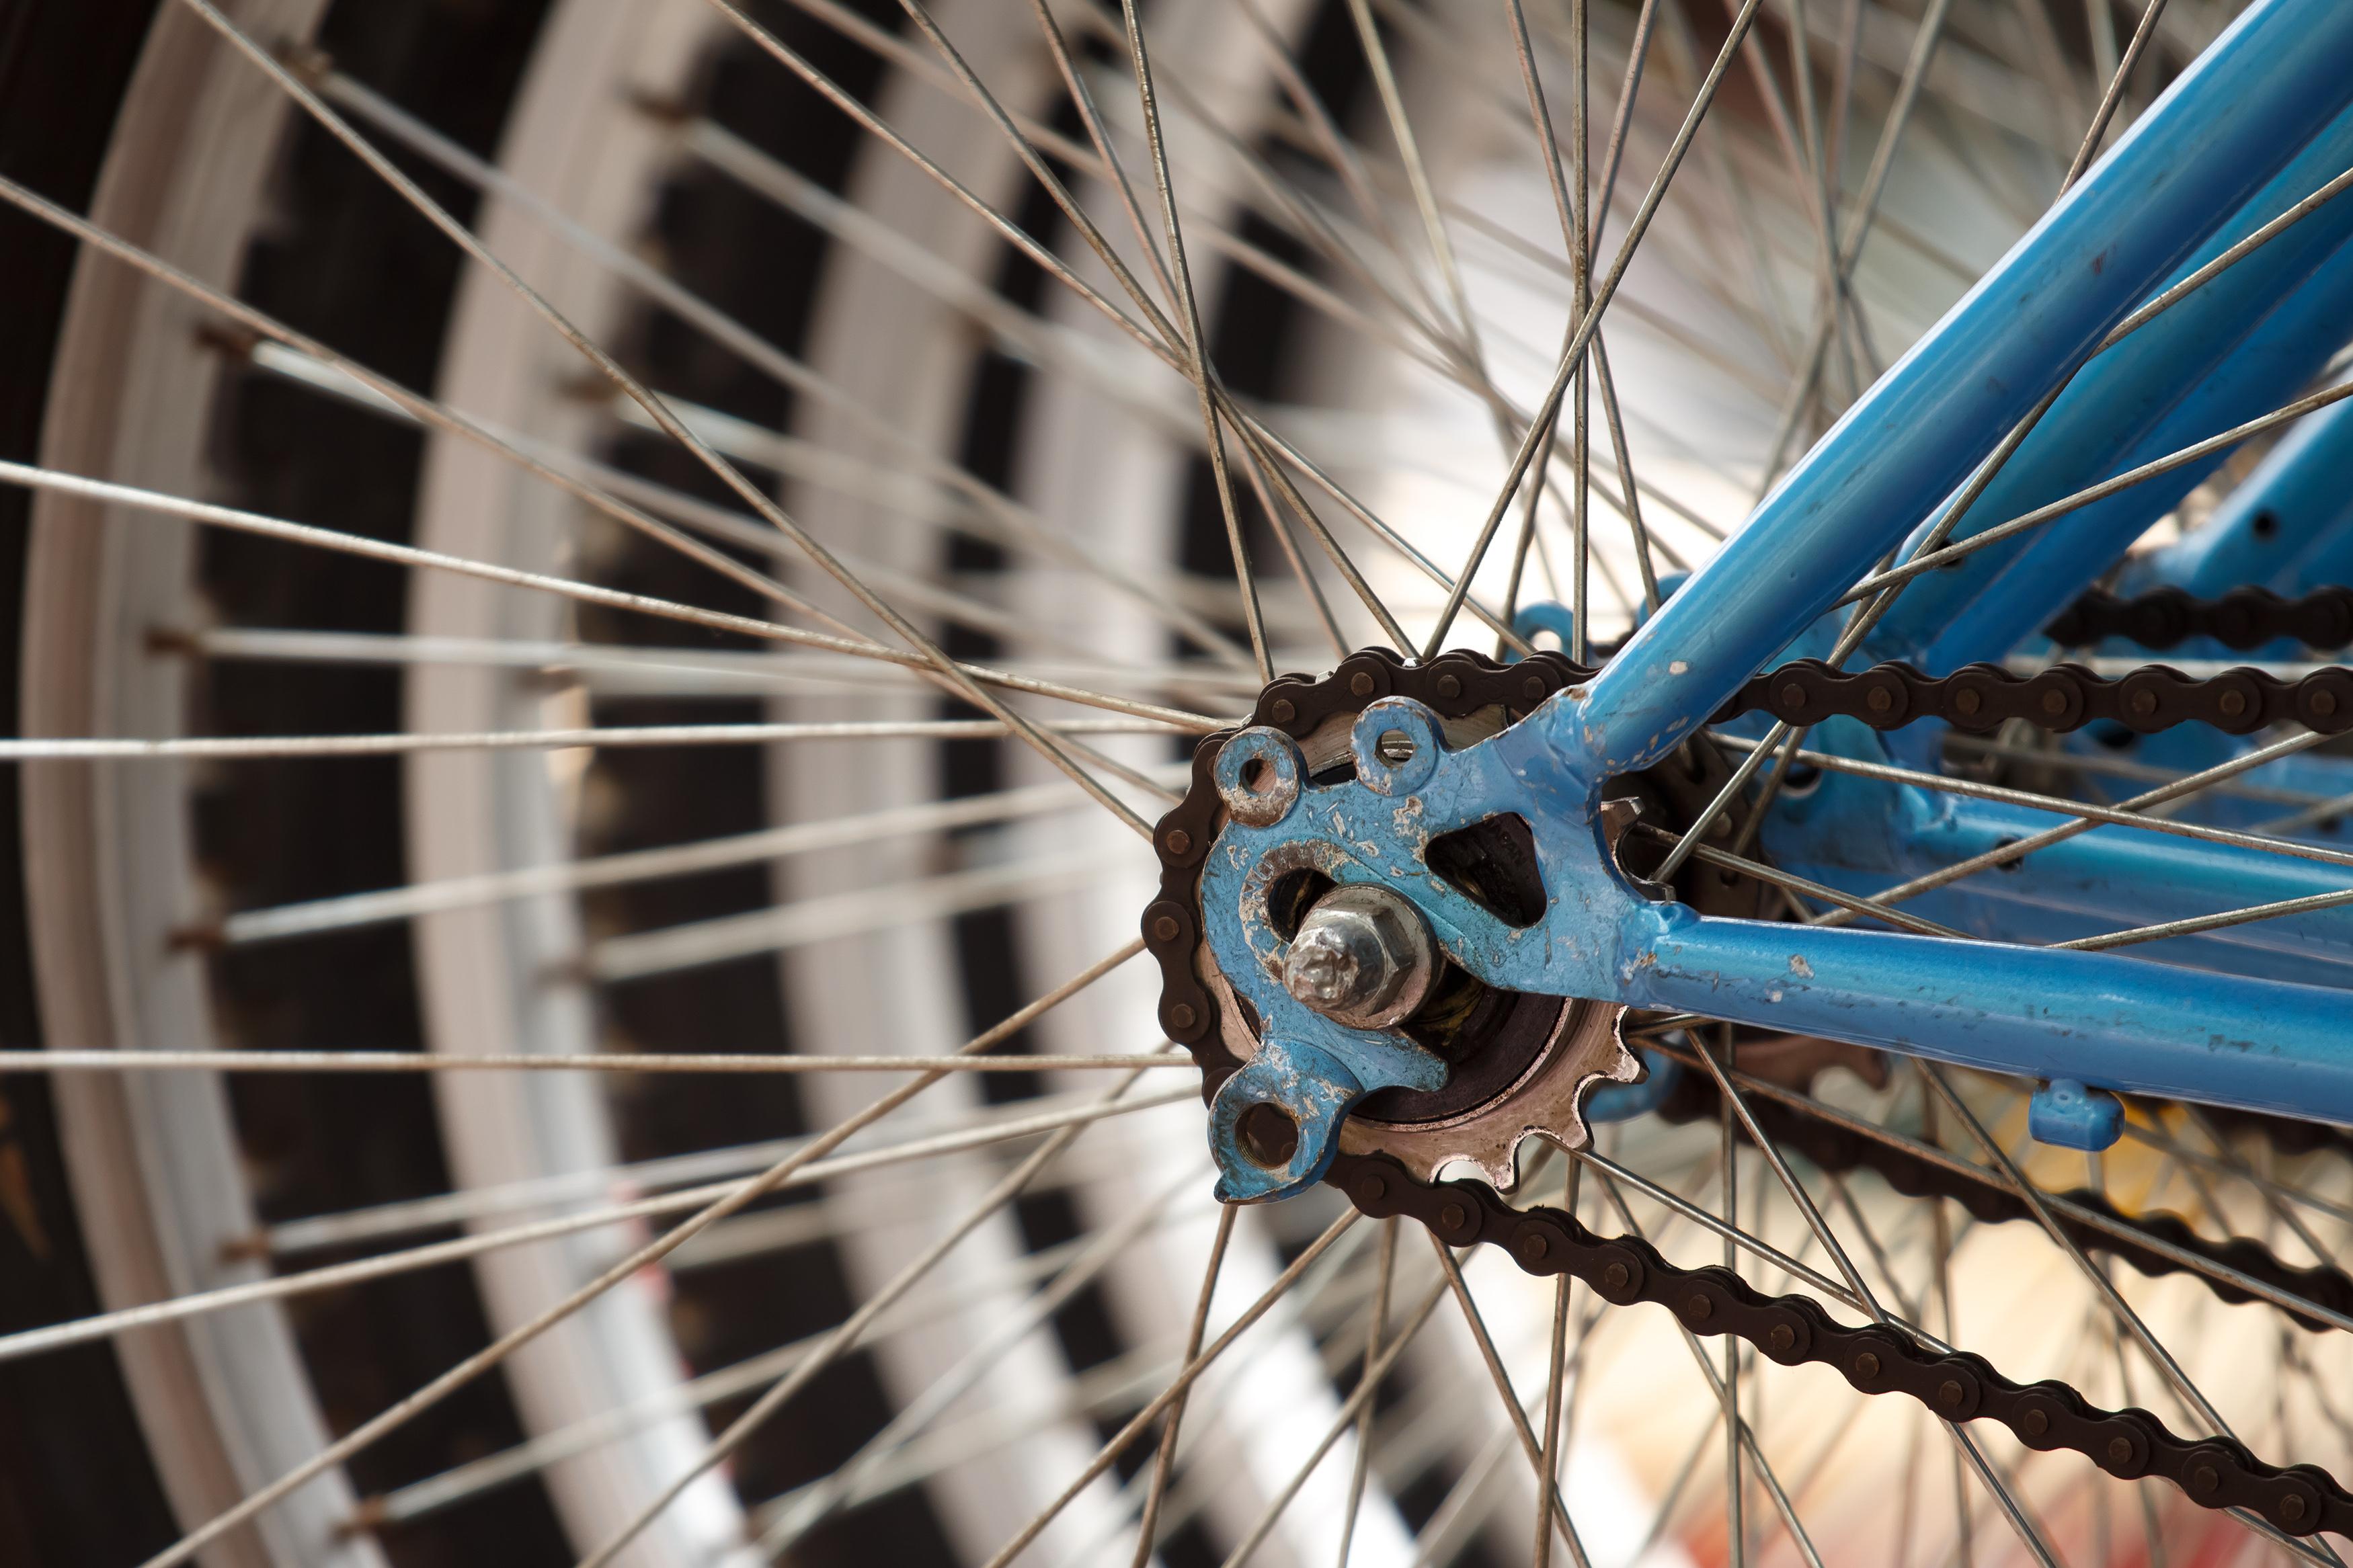 Mitos sobre las ciclovías